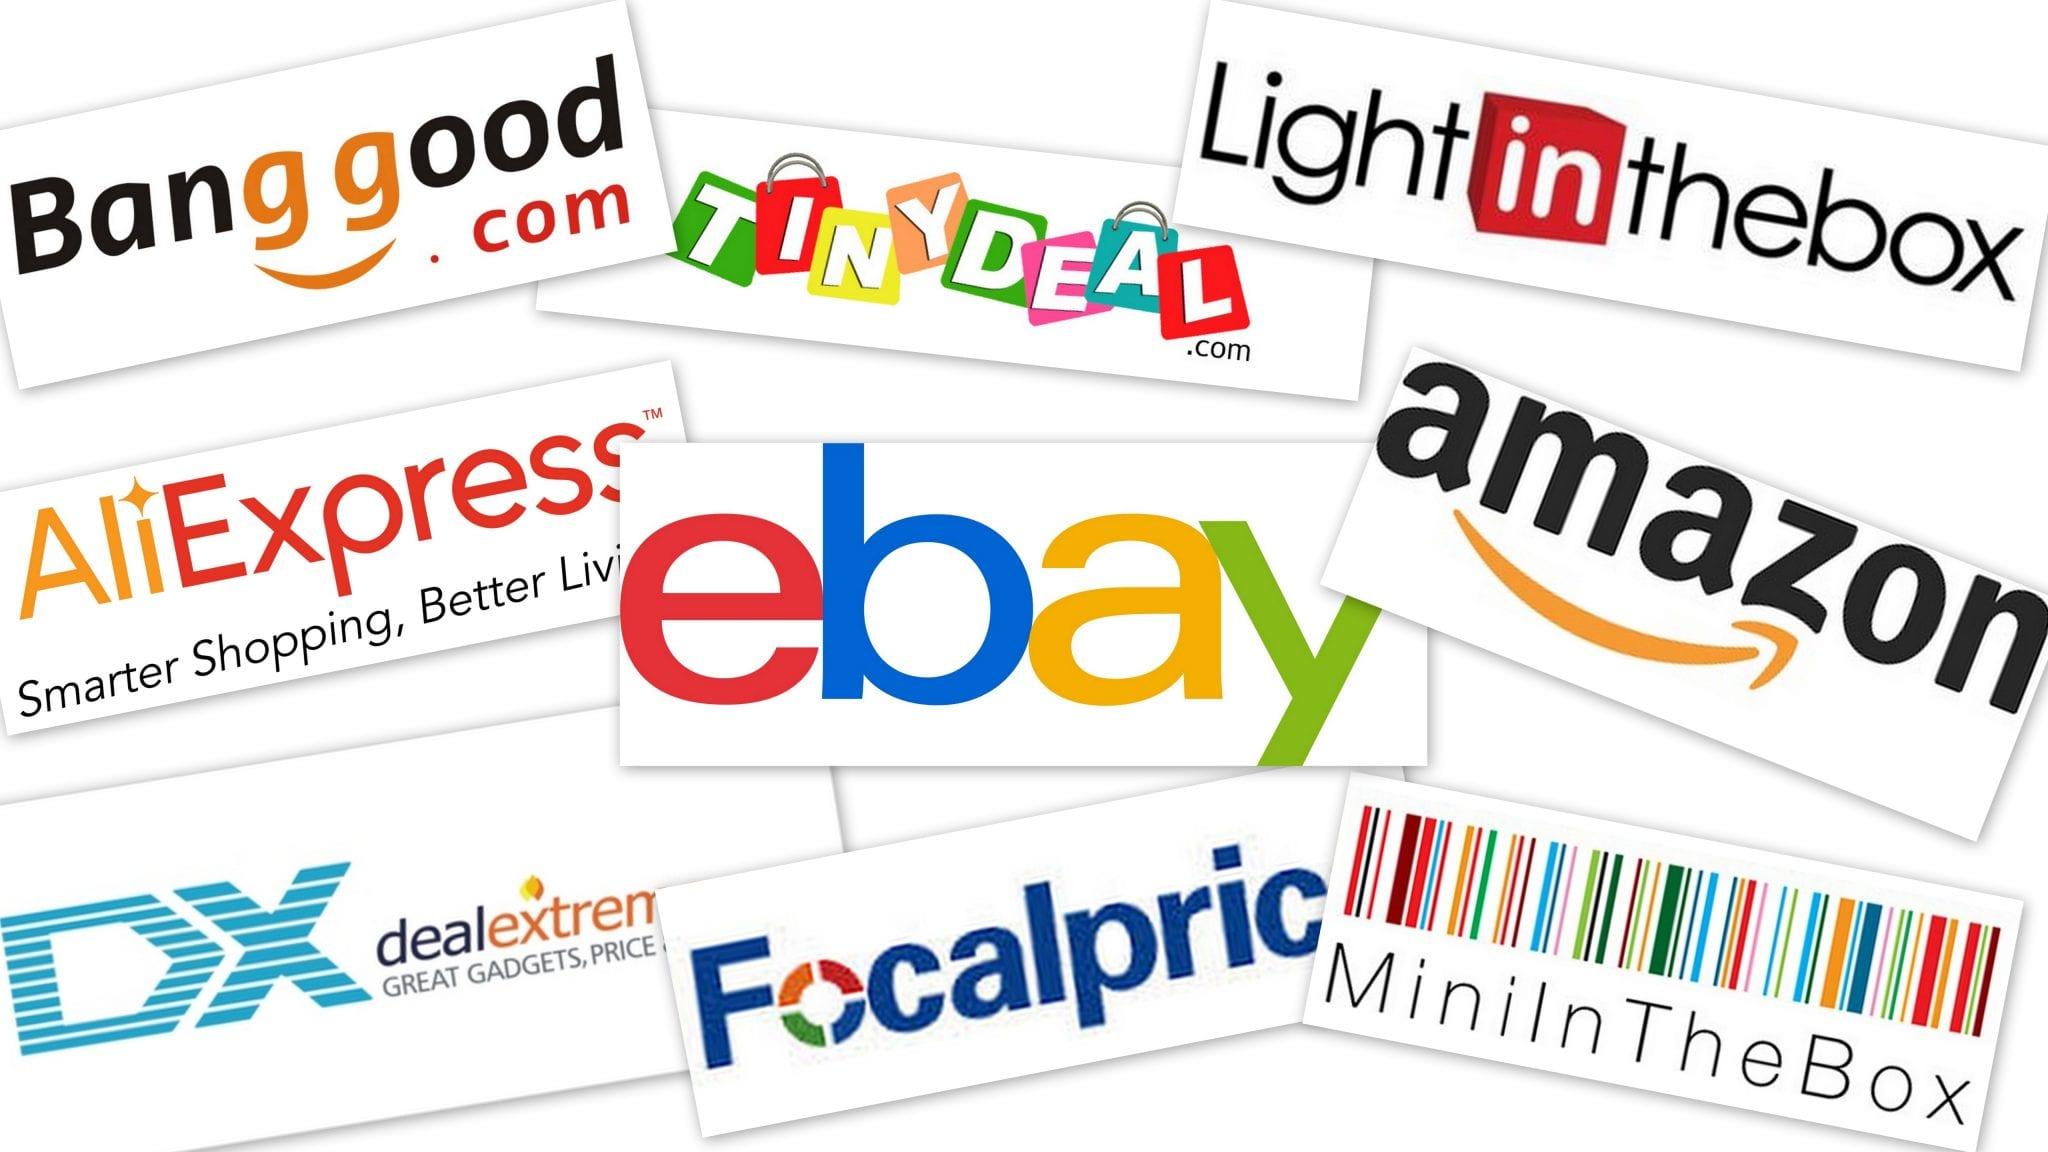 Yurtdışından Alışveriş Yapmak için En İyi Siteler | Wordpress Blogu